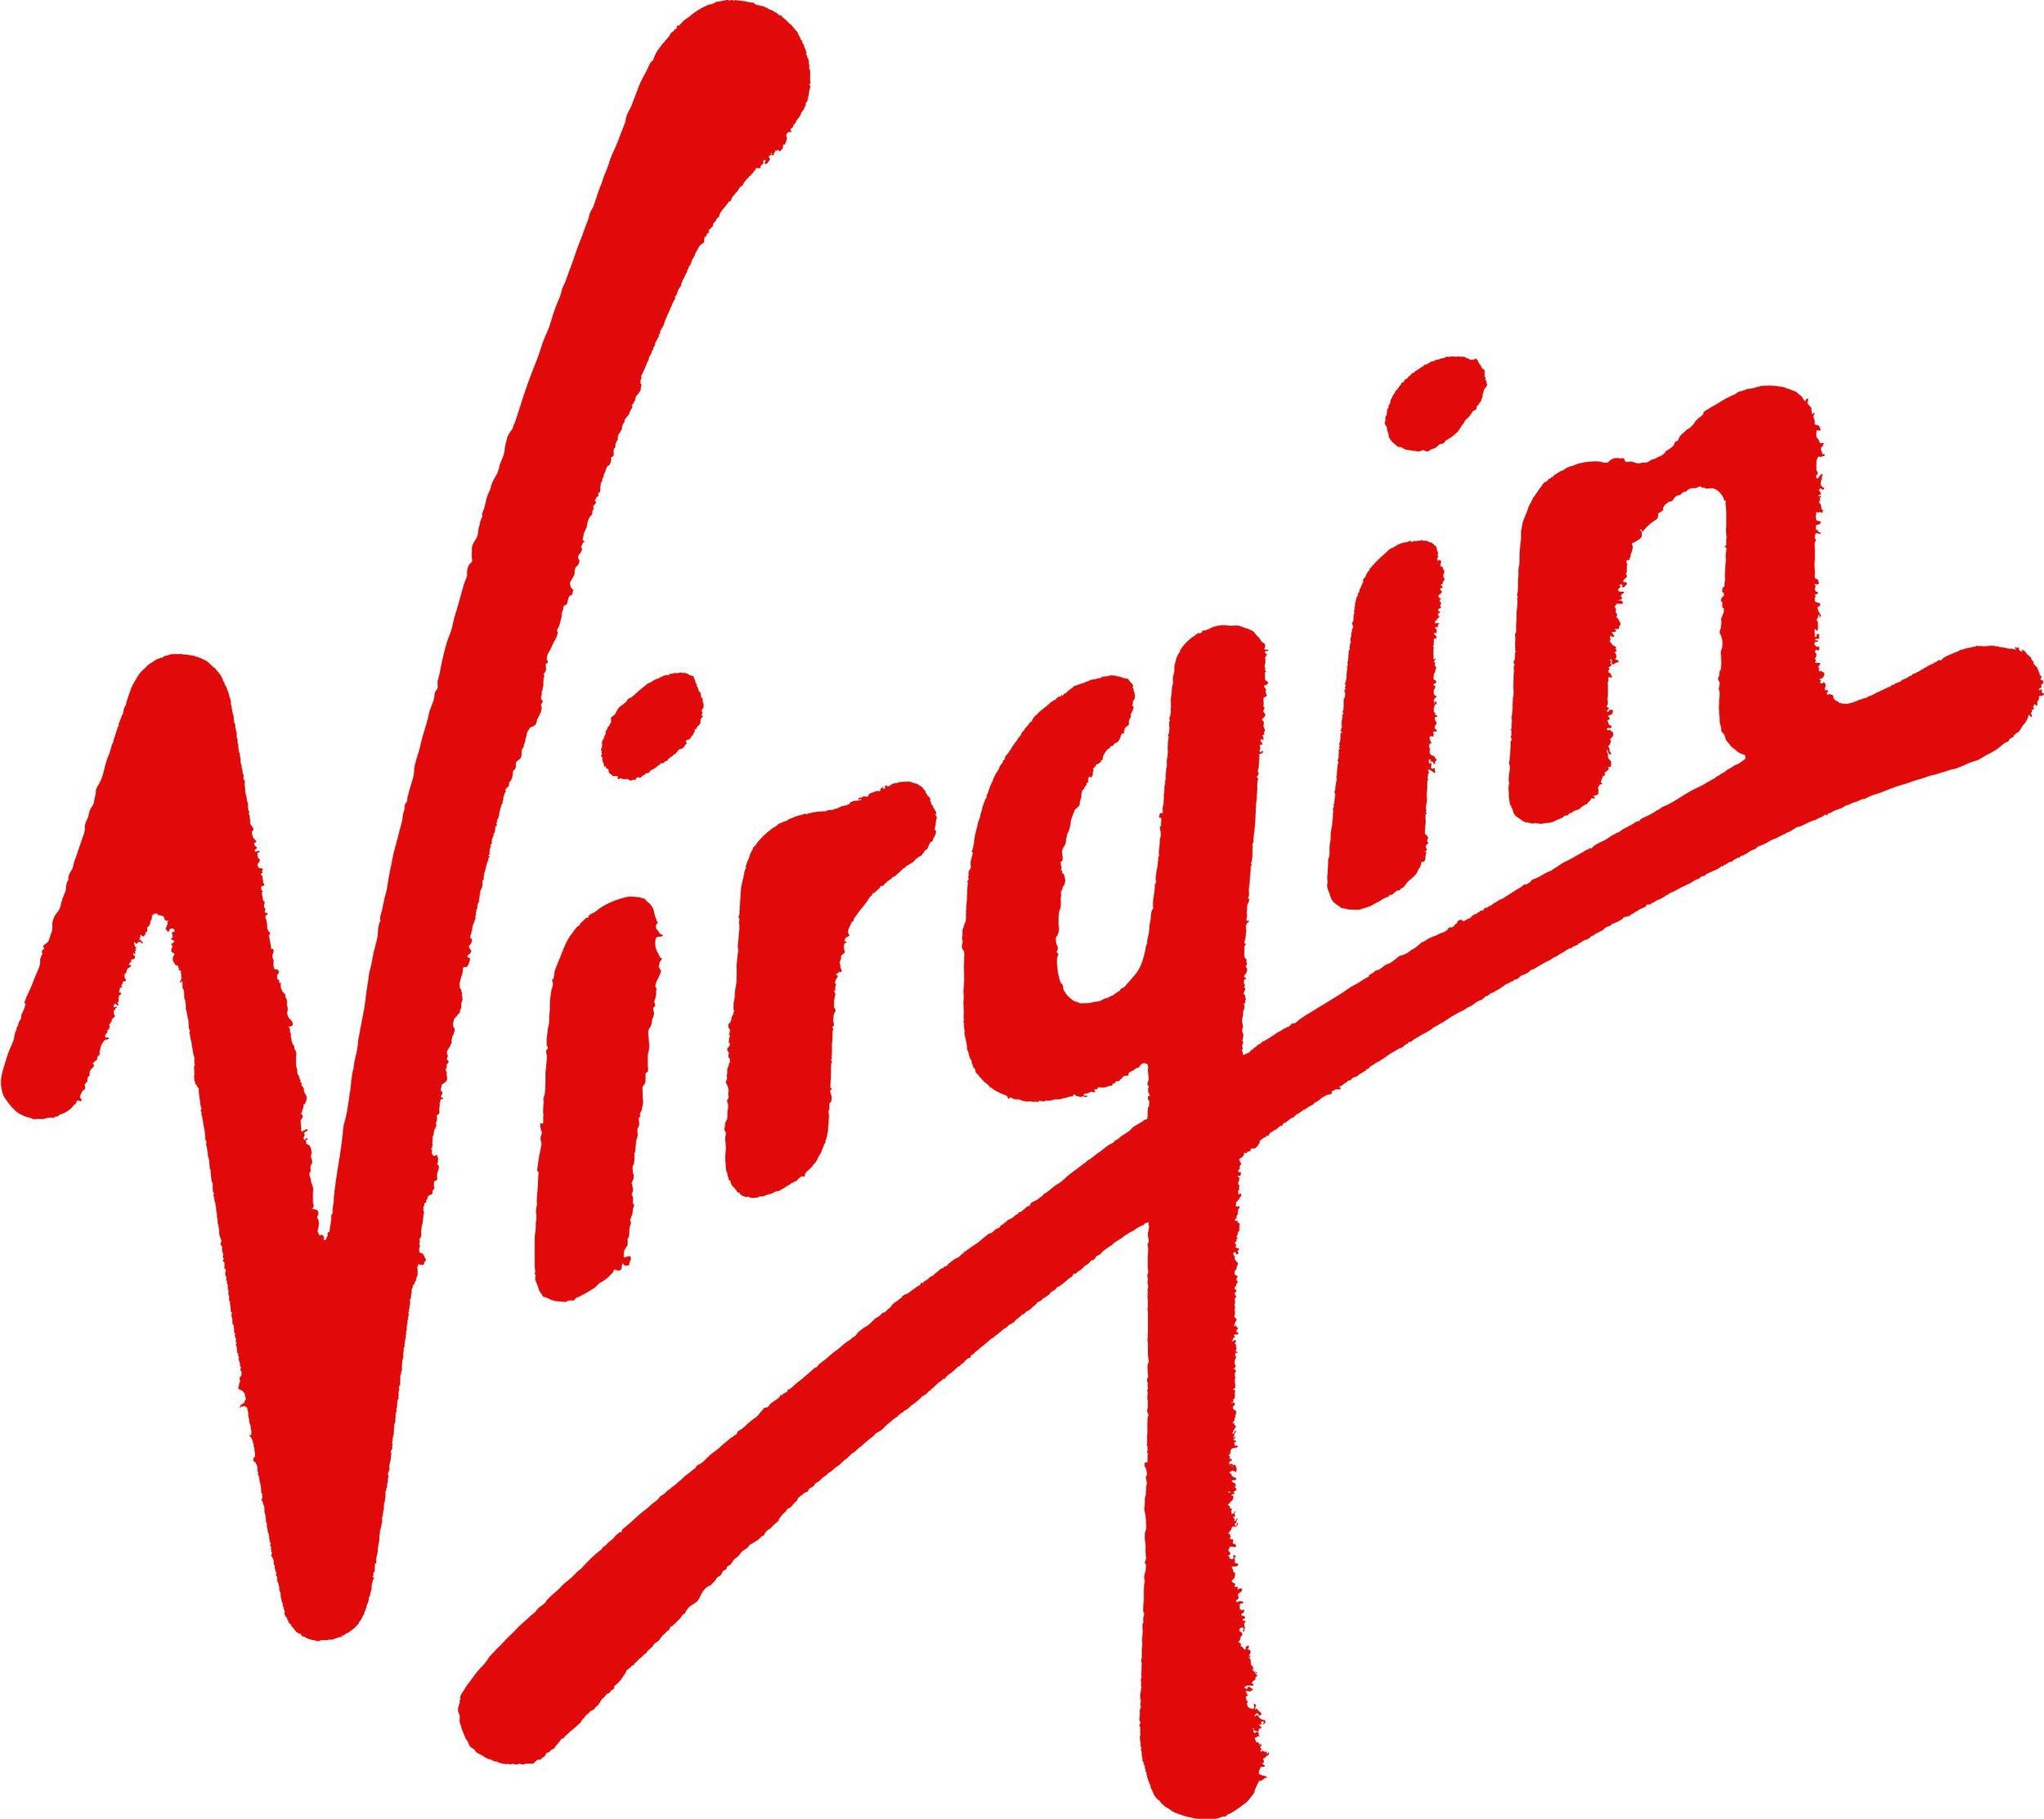 Virgin_NASA_logo.jpg